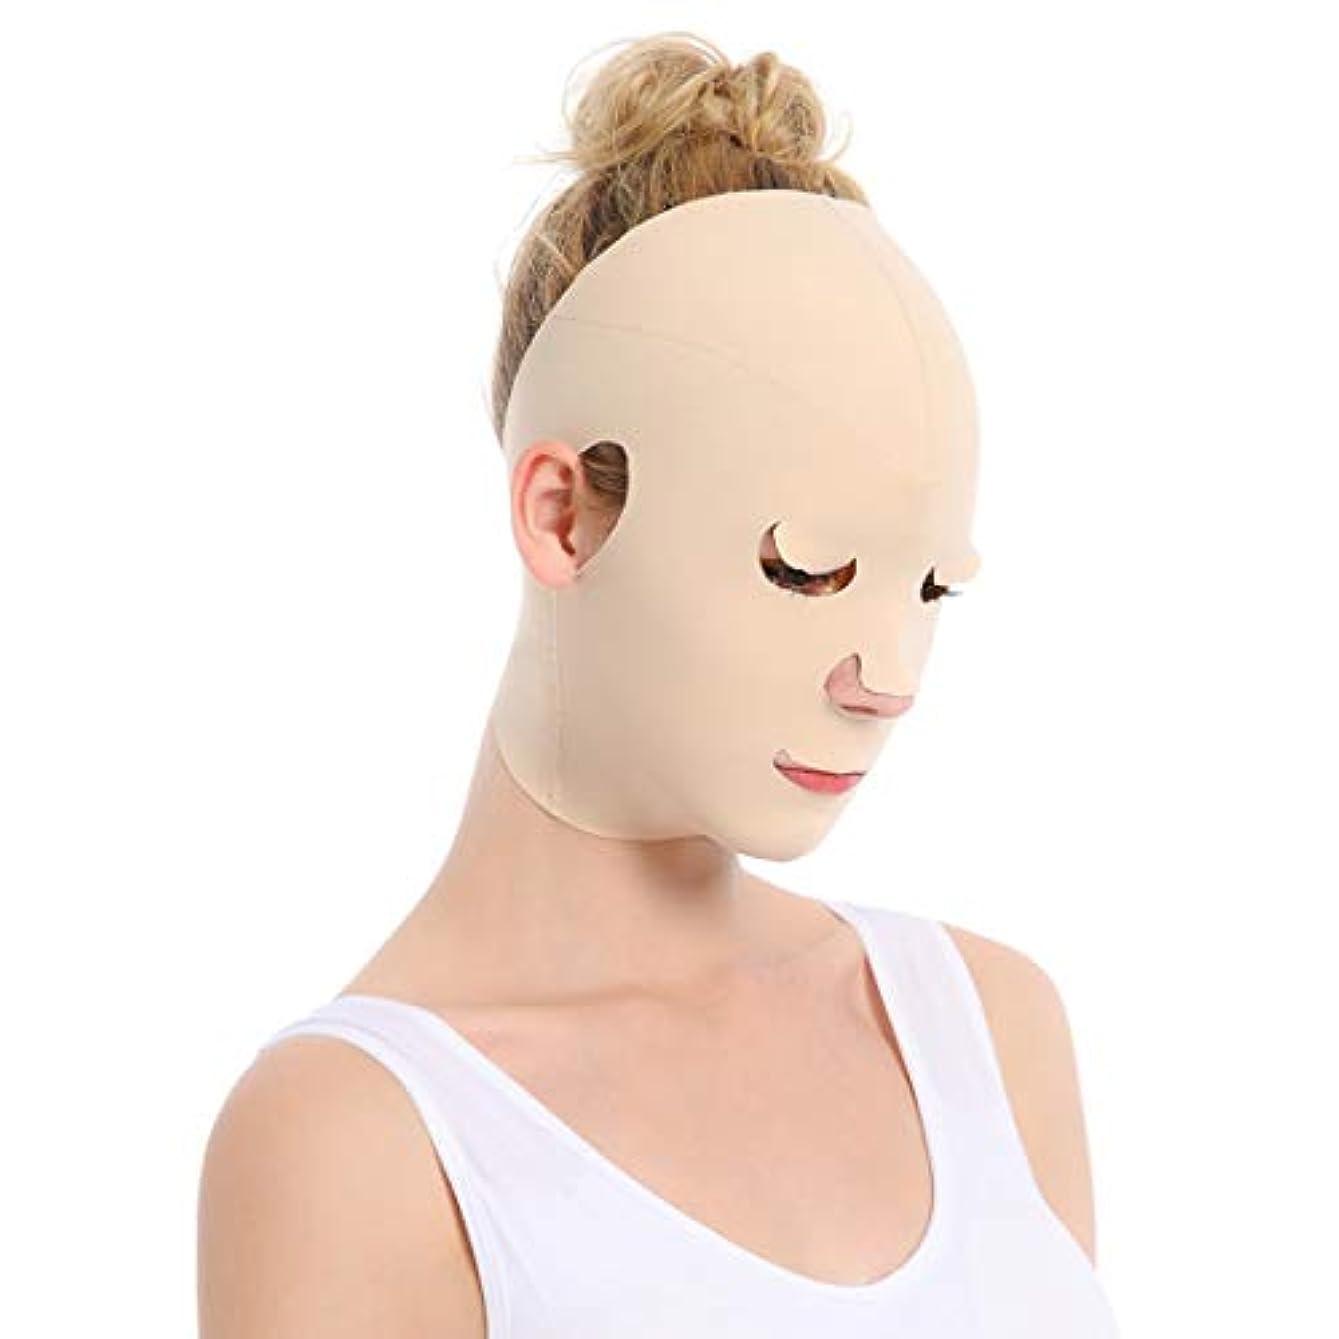 リマーク感覚哺乳類ZWBD フェイスマスク, 薄い顔包帯理学療法フェースリフトアーチファクト肌睡眠マスクVフェース包帯リフティング引き締めホワイトニング傷修理能力